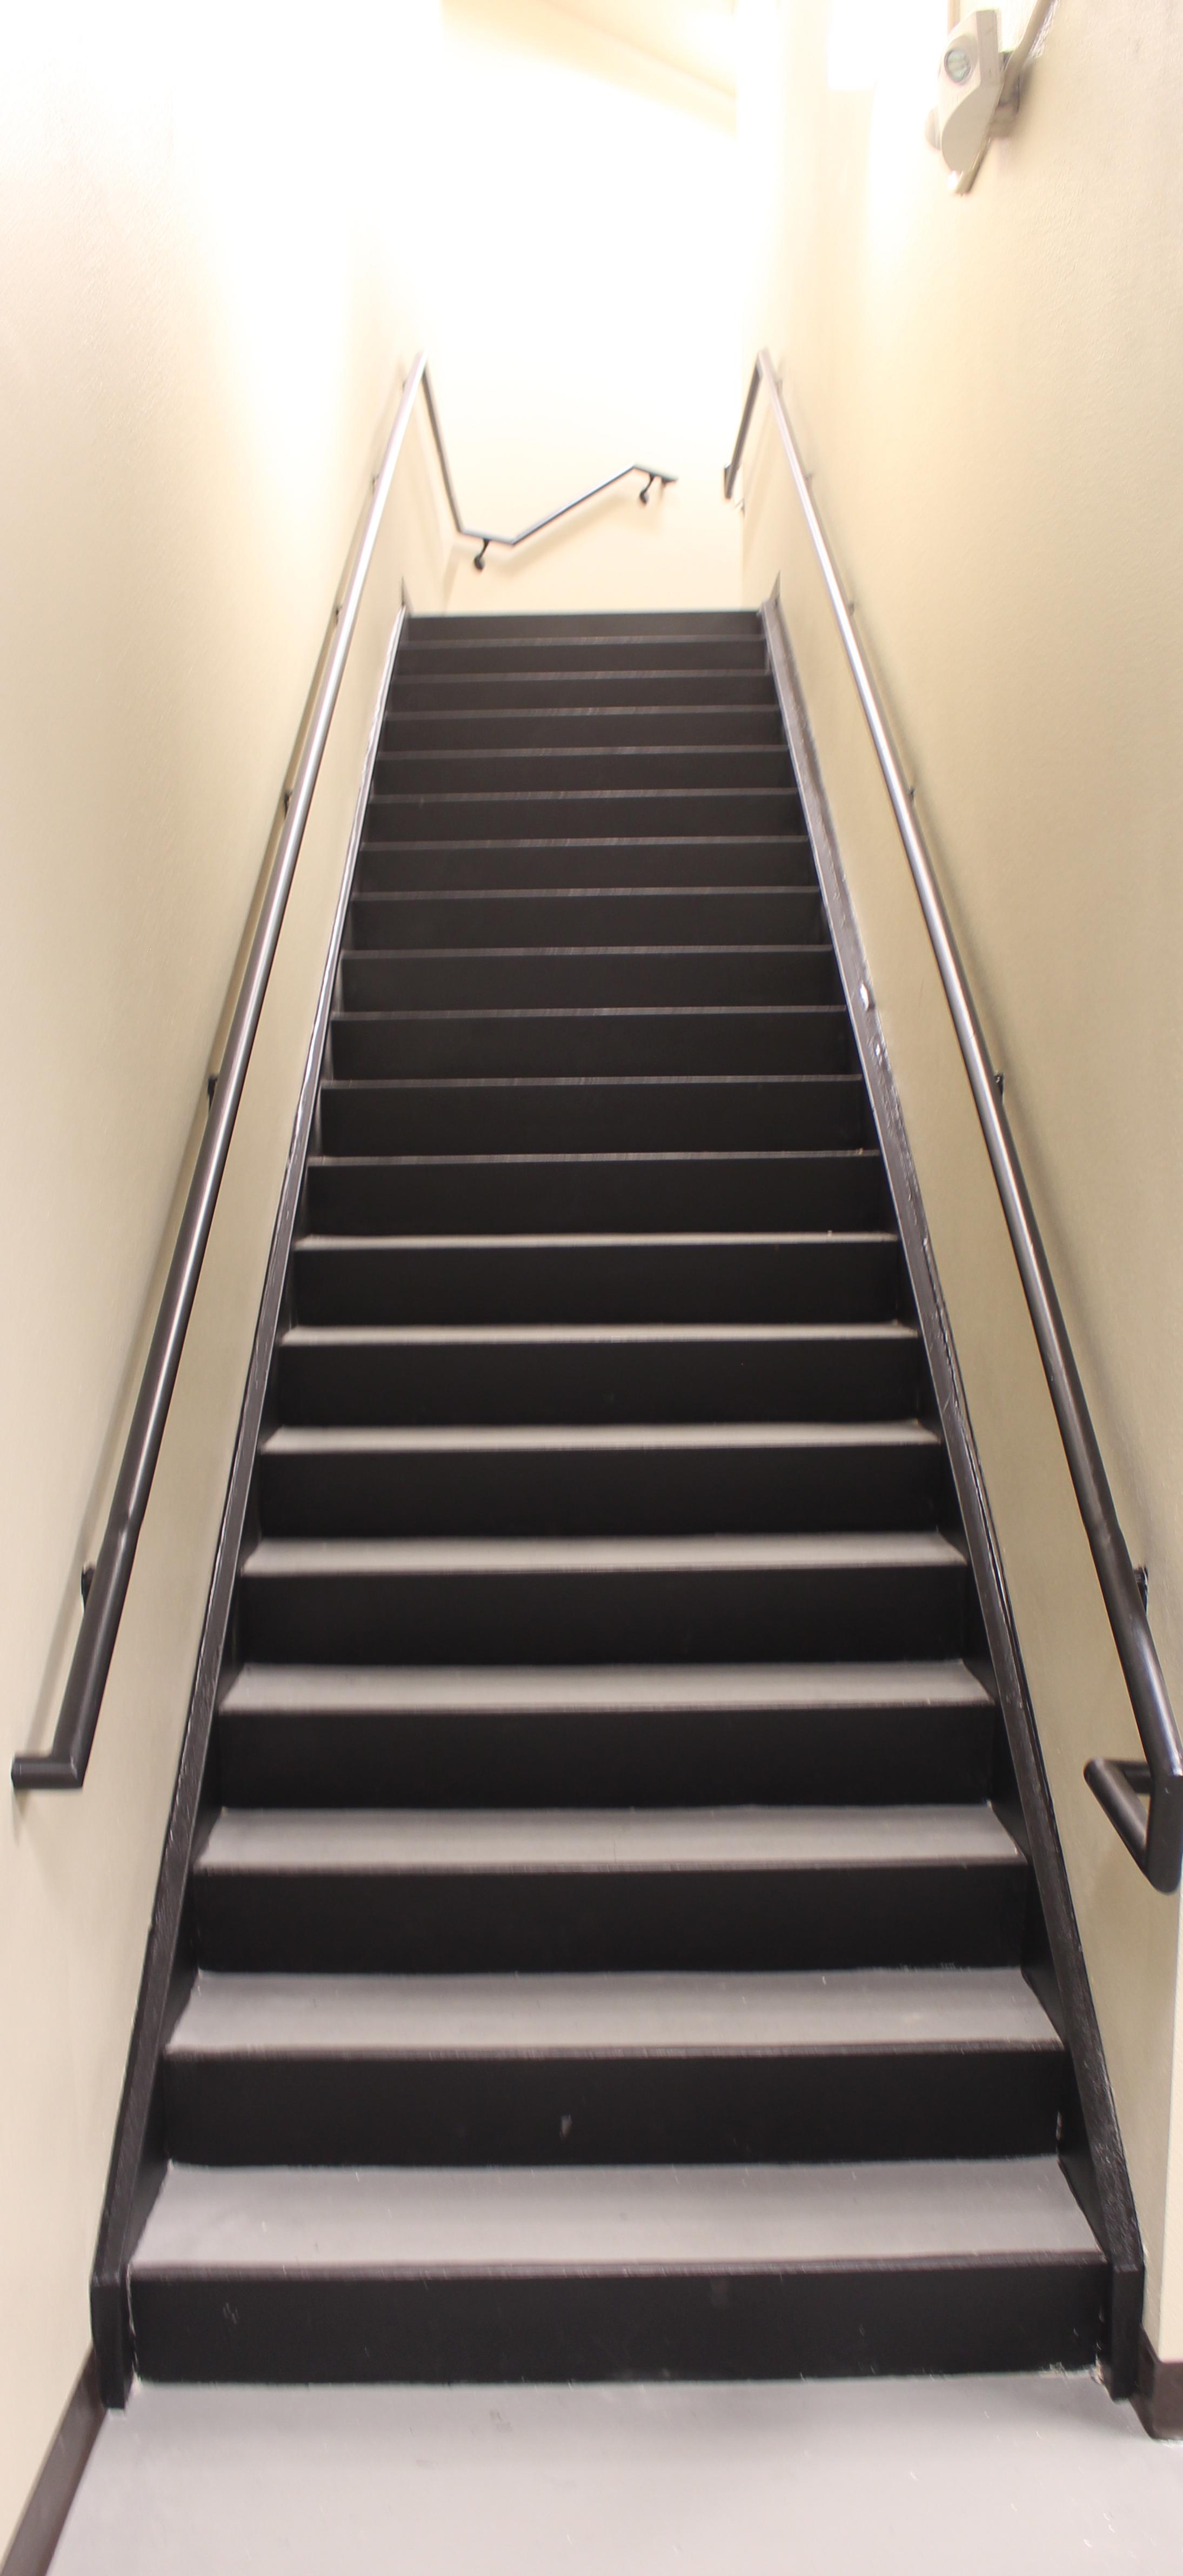 Stairs 1625.jpg